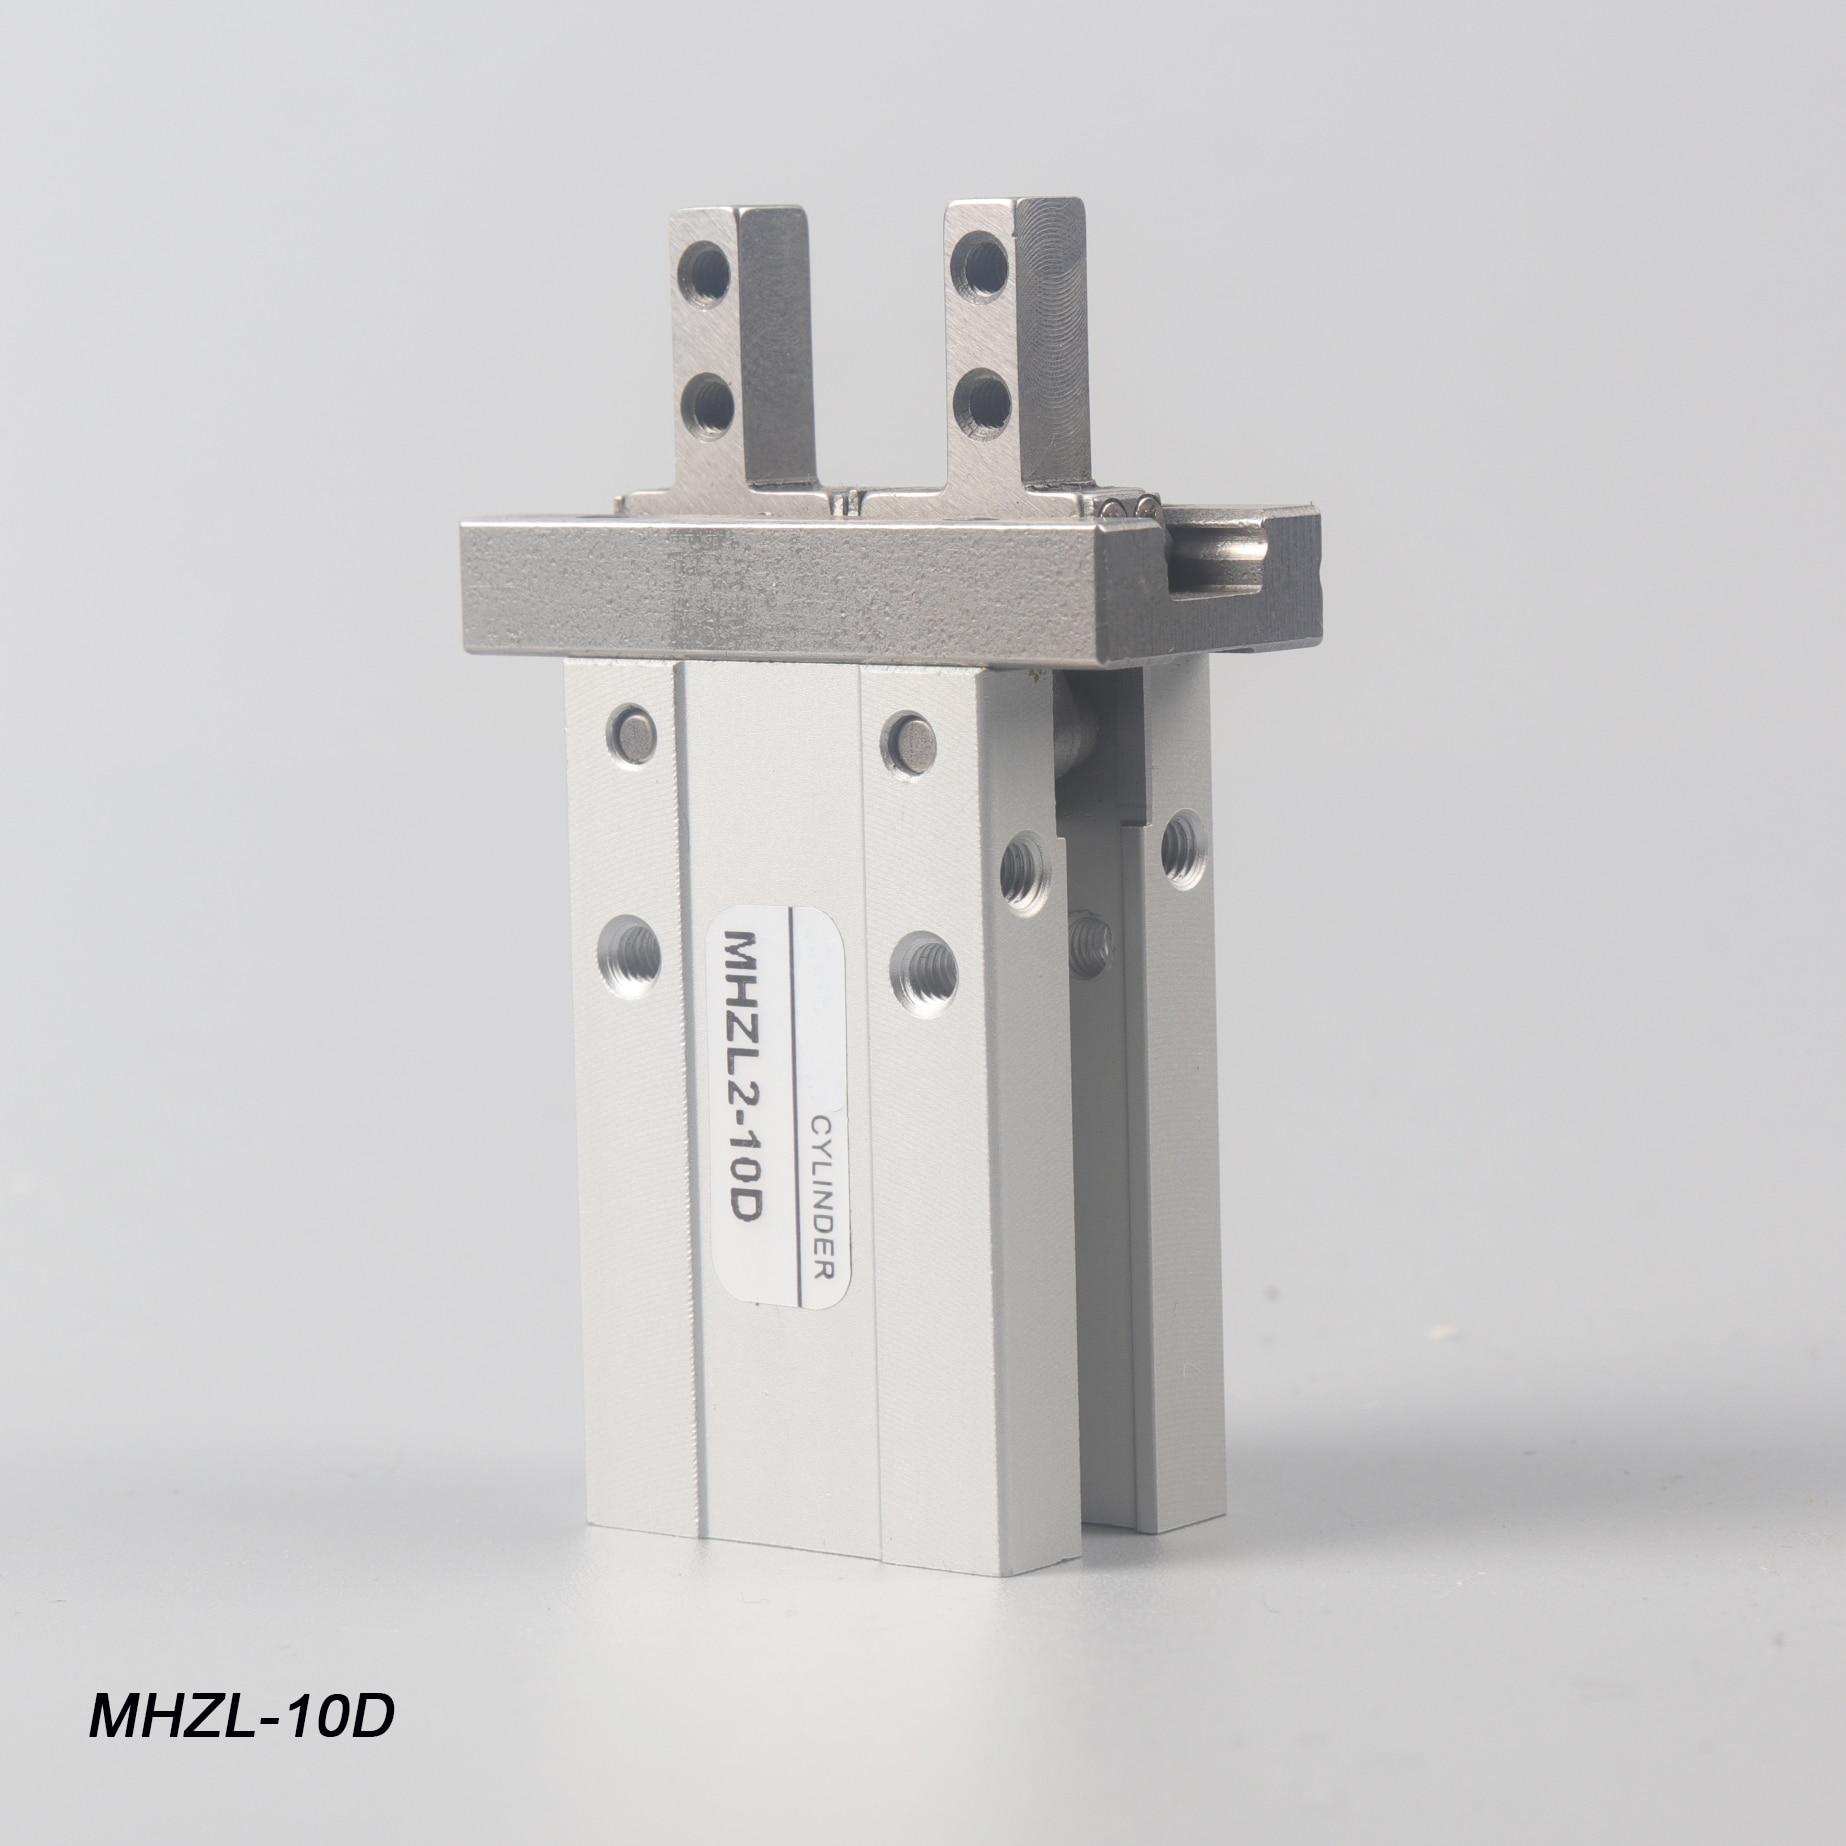 1 pces mhzl2 10d dupla ação ar prendedor pneumático tipo smc cilindro de dedo braçadeiras alumínio automação para máquinas máscara